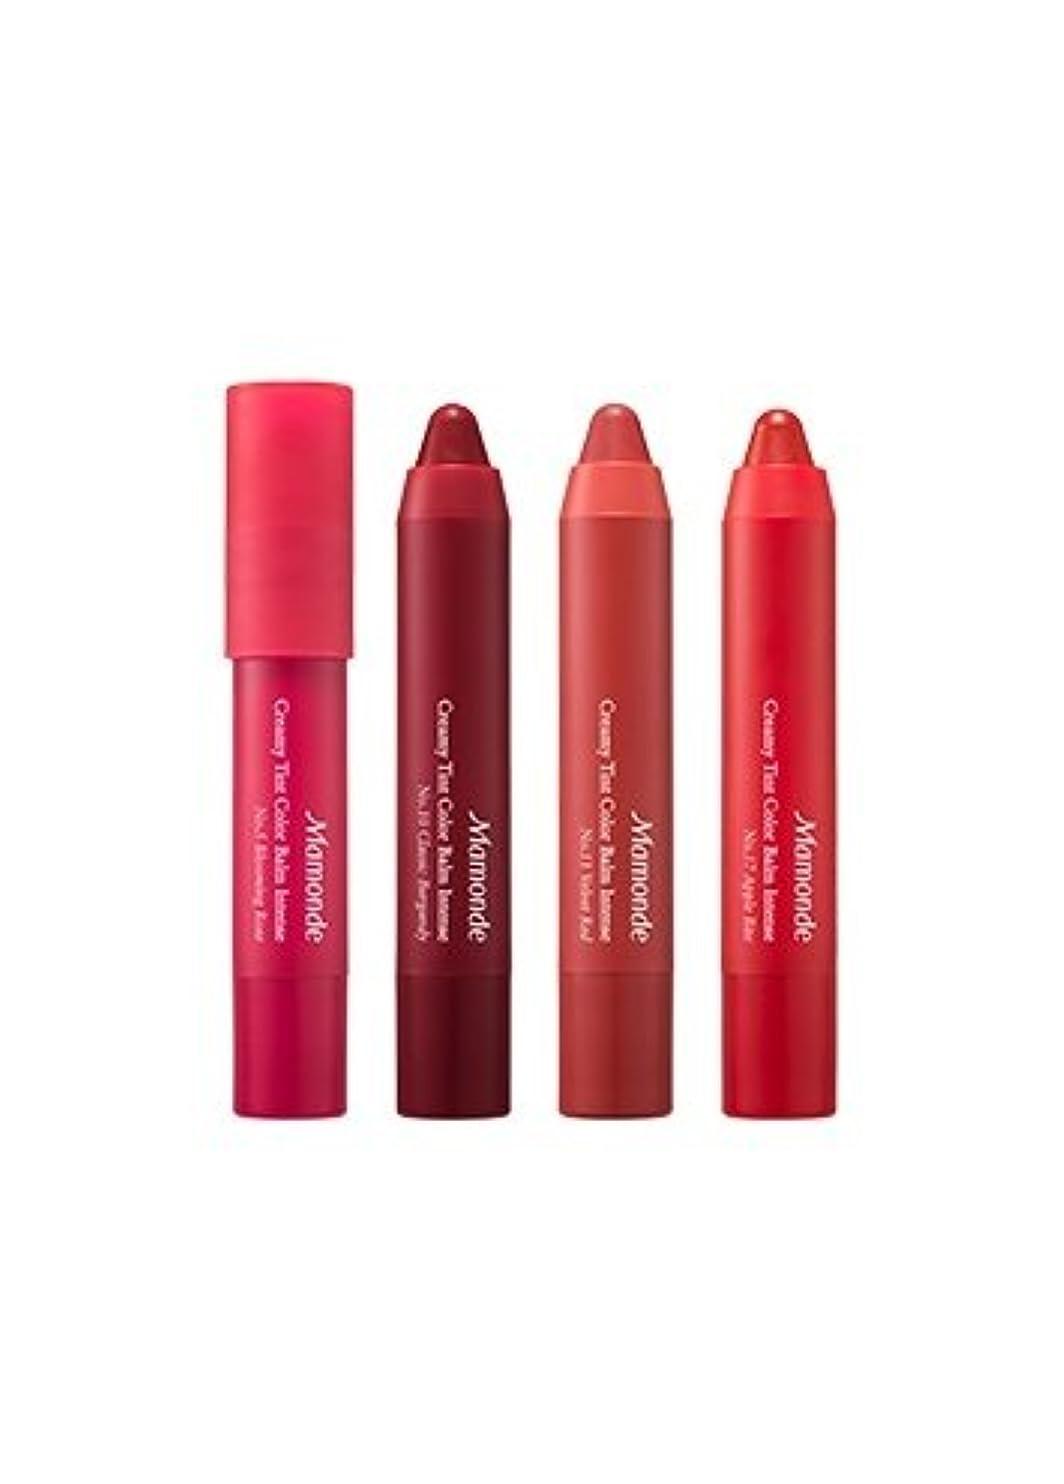 監査びっくり考える[New] Mamonde Color Balm Intense No.11 Velvet Red マモンド カラーバームインテンス (No.11 Velvet Red) [並行輸入品]